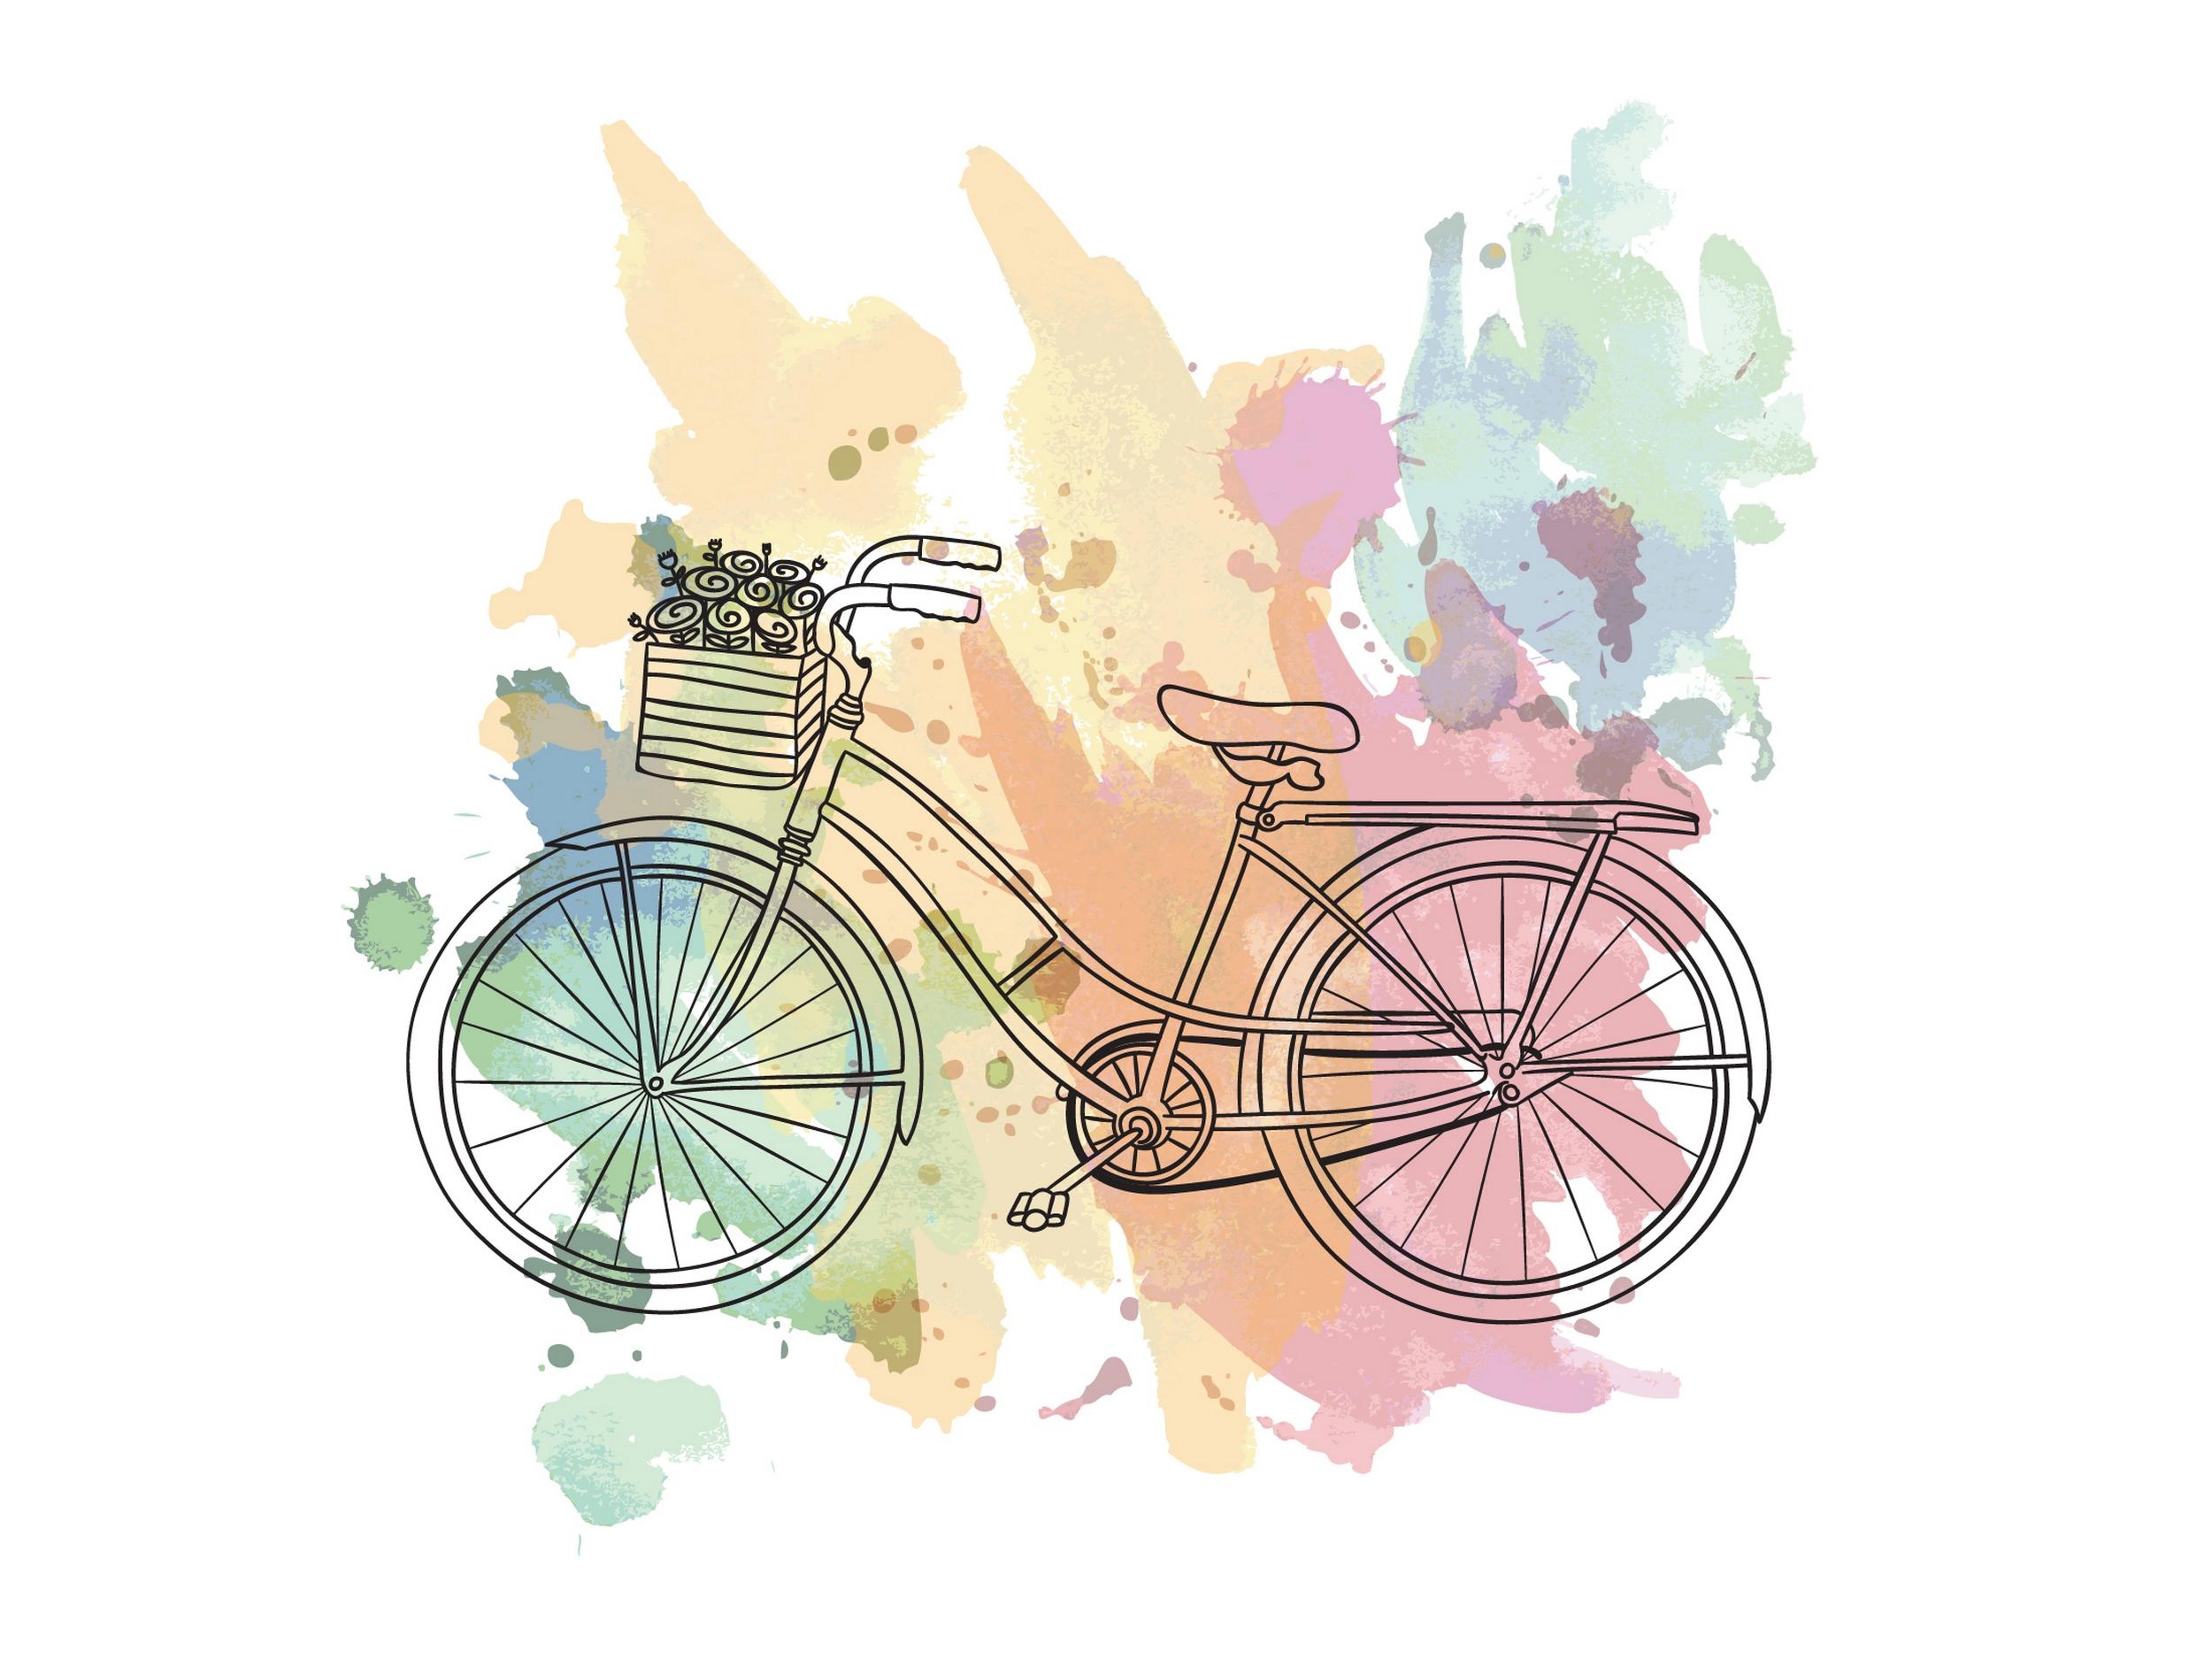 Je veux offrir un vélo à ma femme